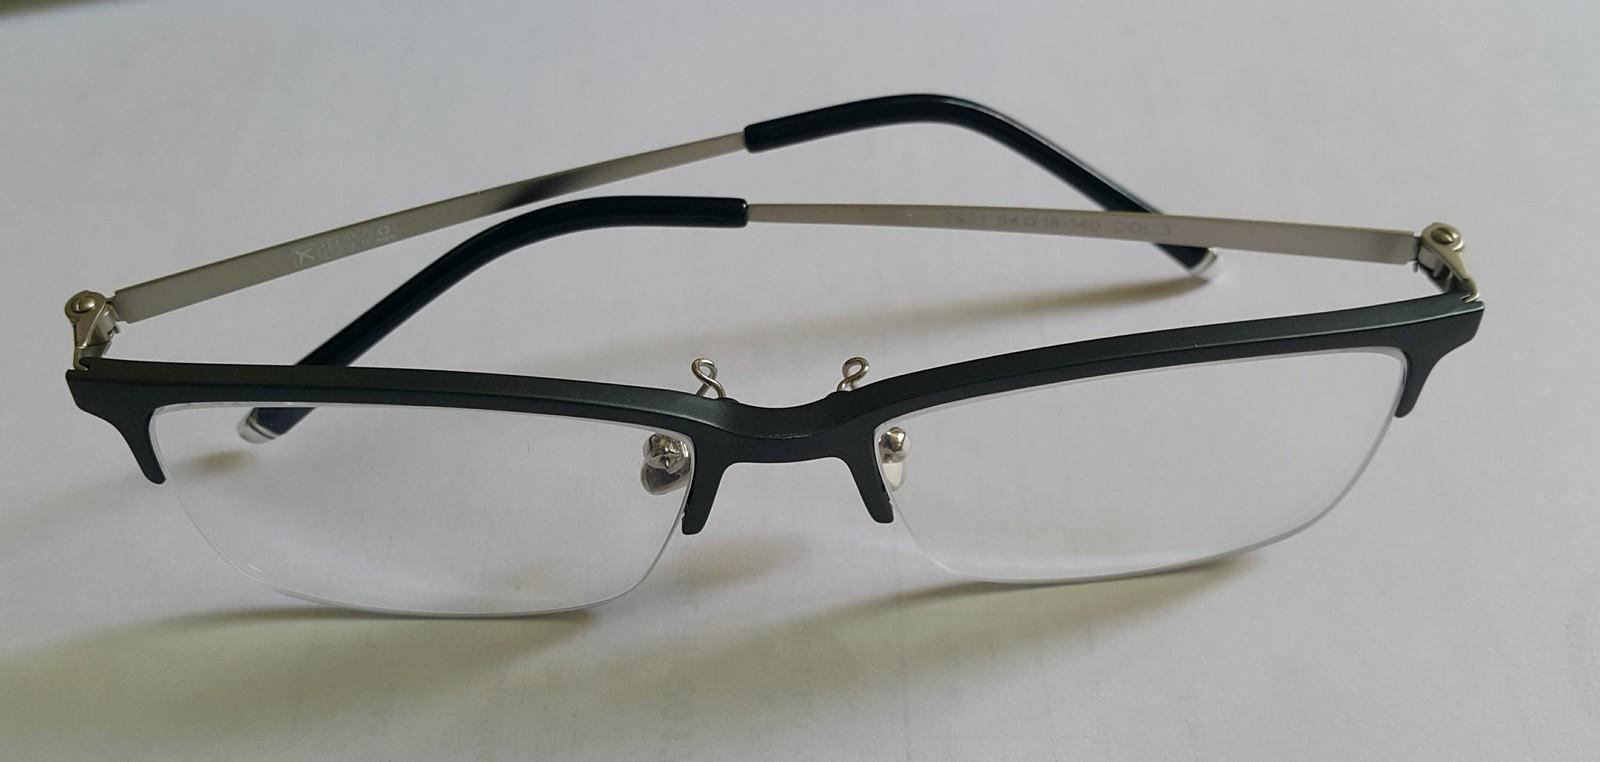 9b8af9ea253f Инструкция - как купить очки, линзы, оправы в Москве дешево